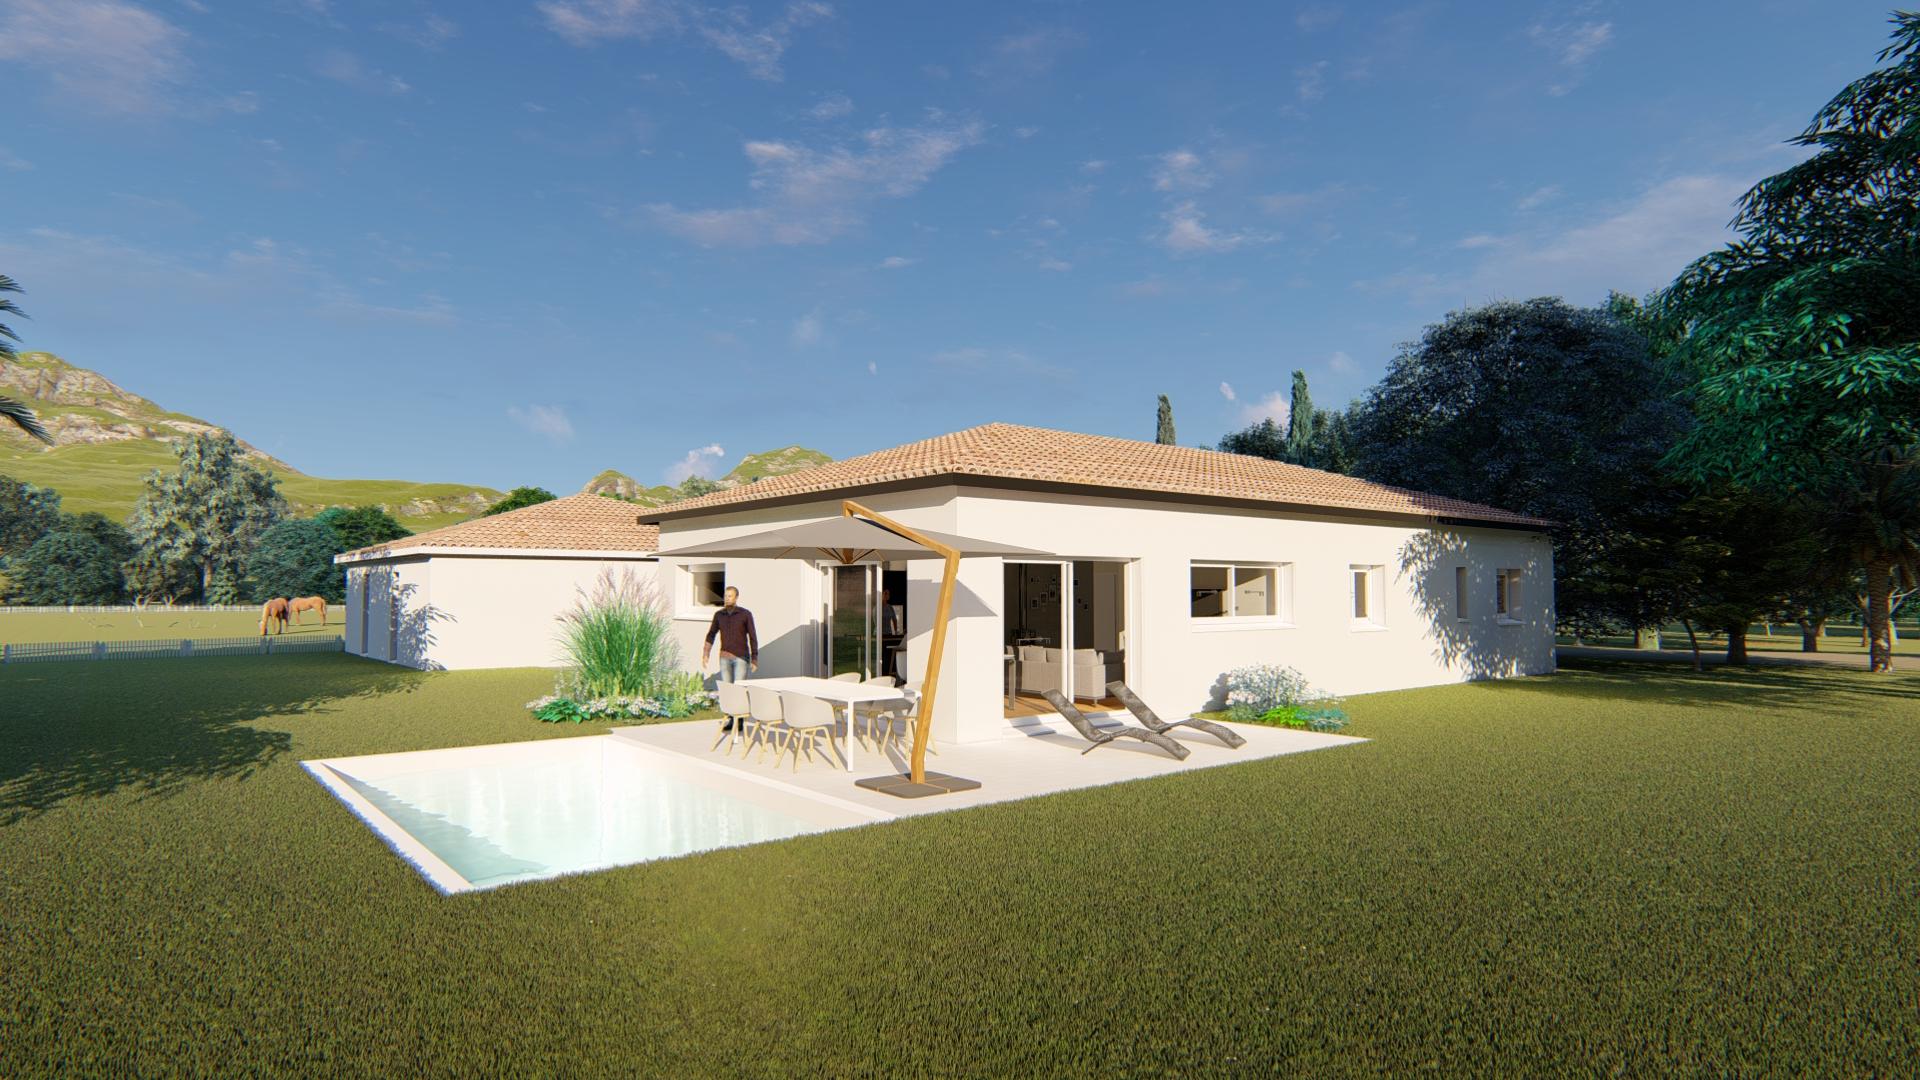 Maisons + Terrains du constructeur VILLAS SUD CREATION • 120 m² • SAINT LOUP CAMMAS